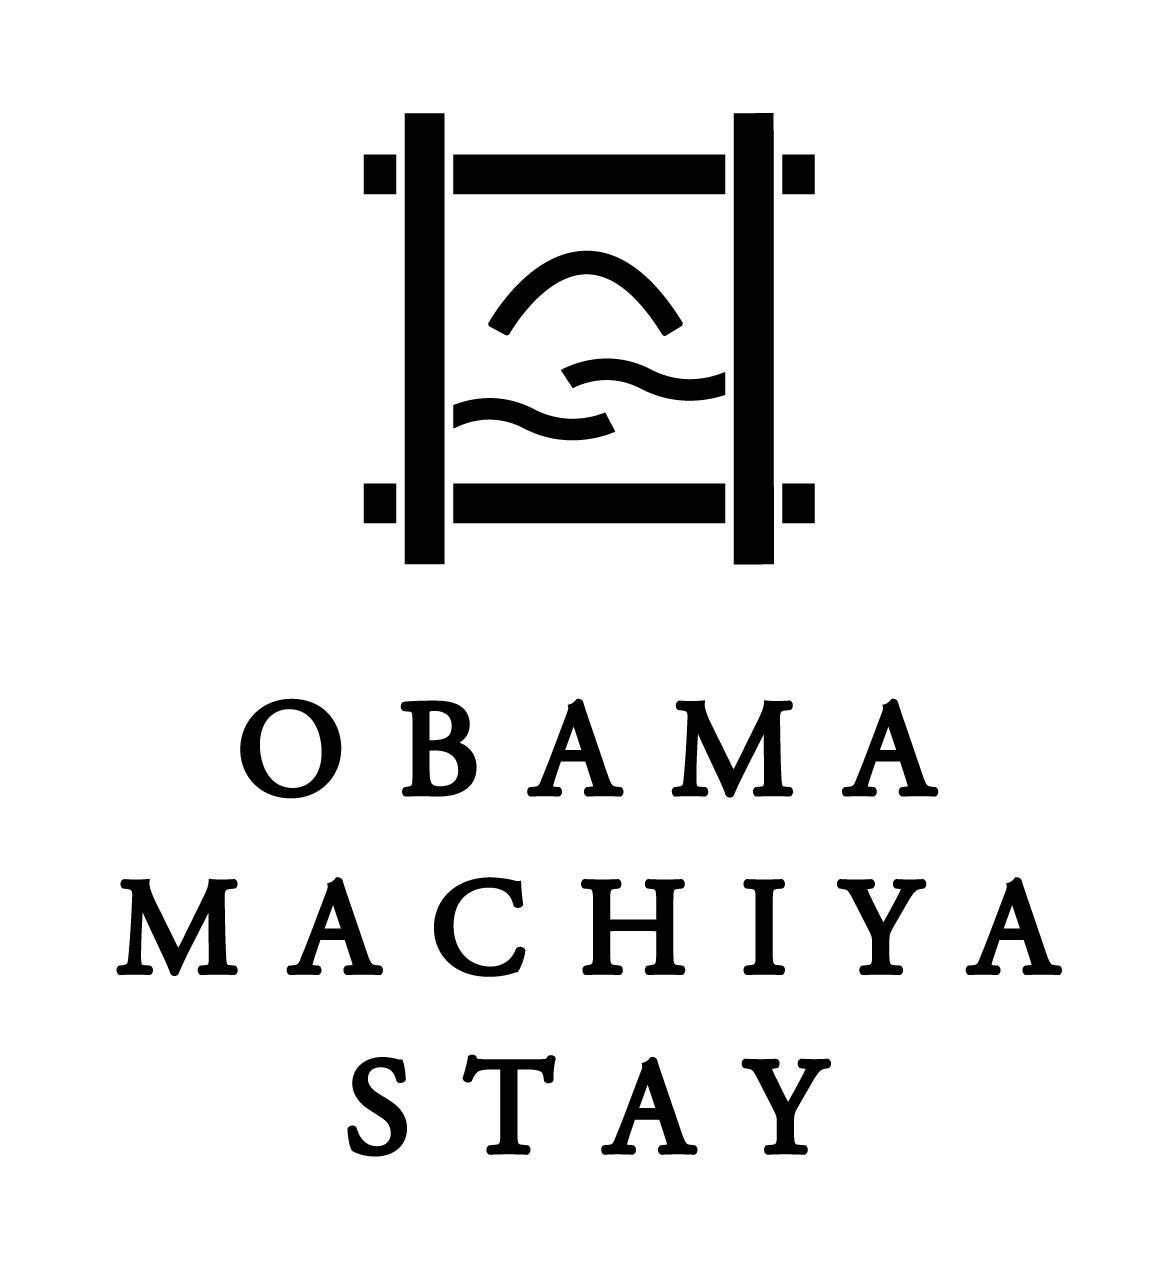 Obama Machiya Stay